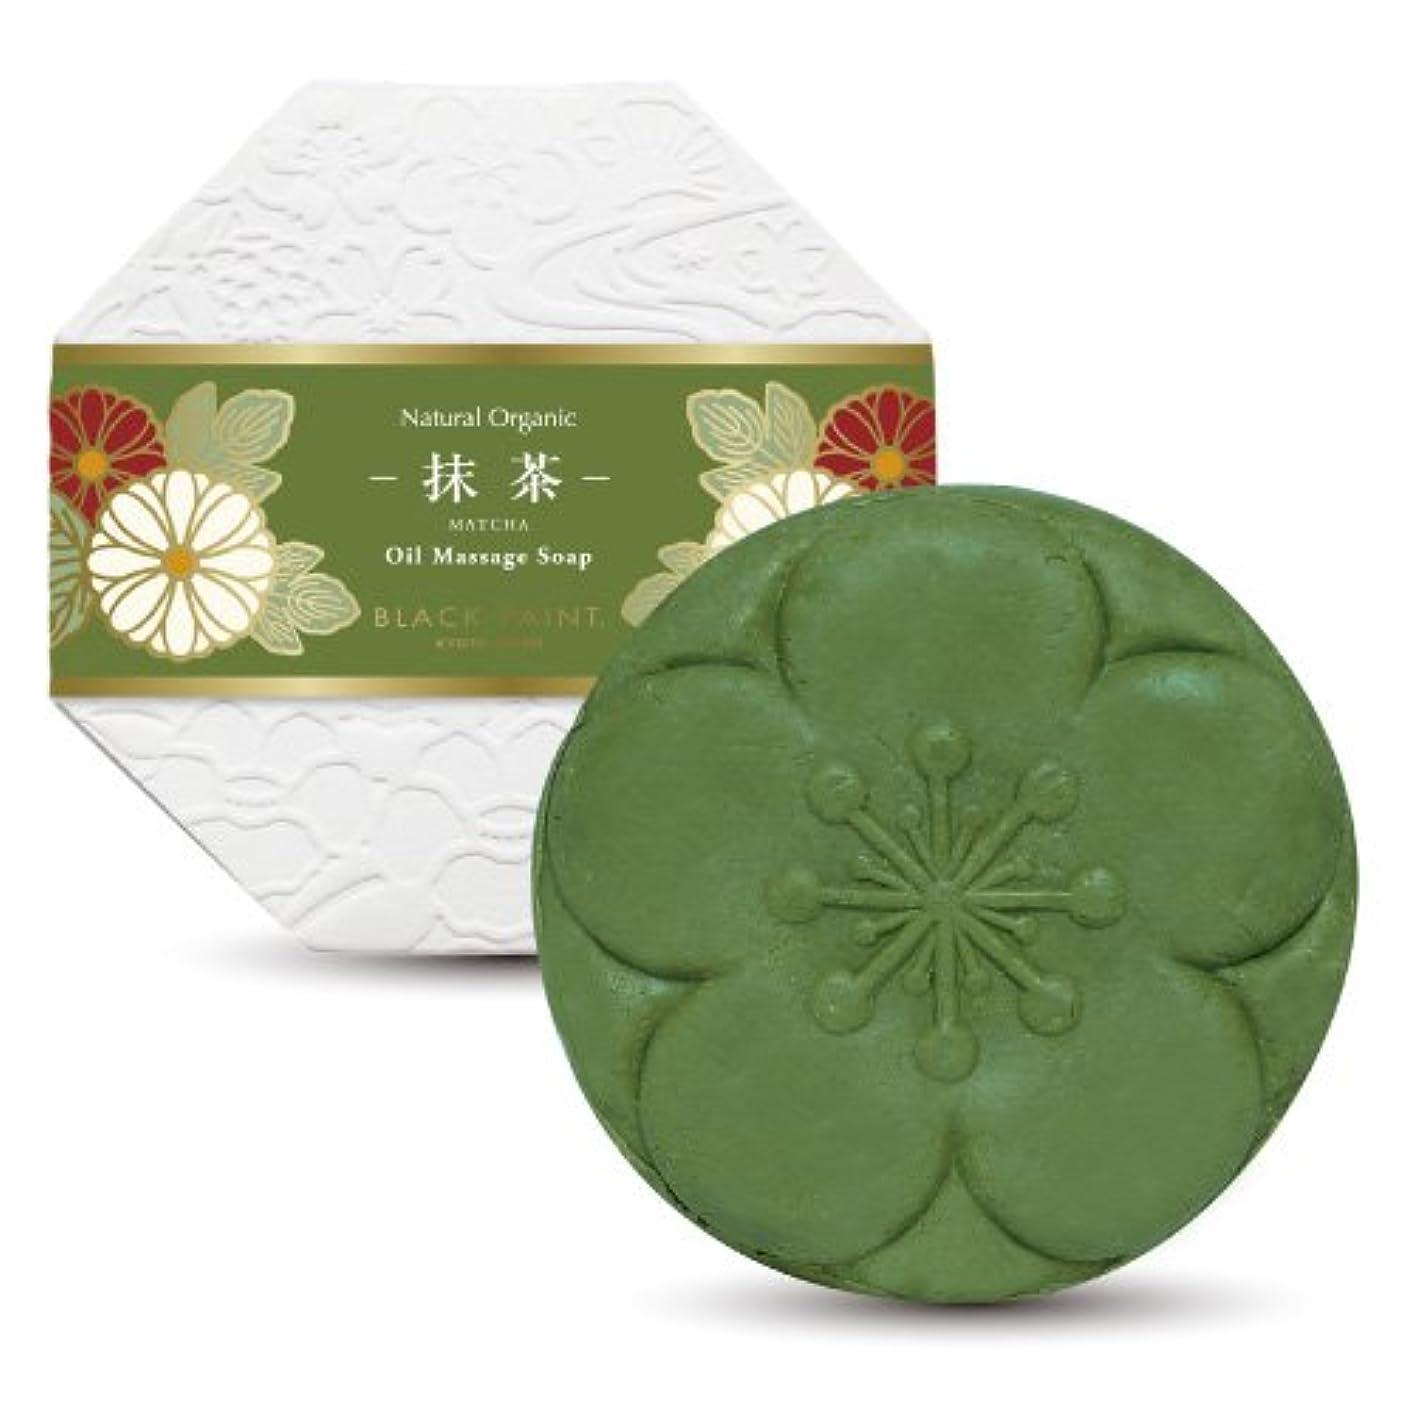 スタウトターゲットすべき京のお茶石鹸 抹茶 120g 塗る石鹸